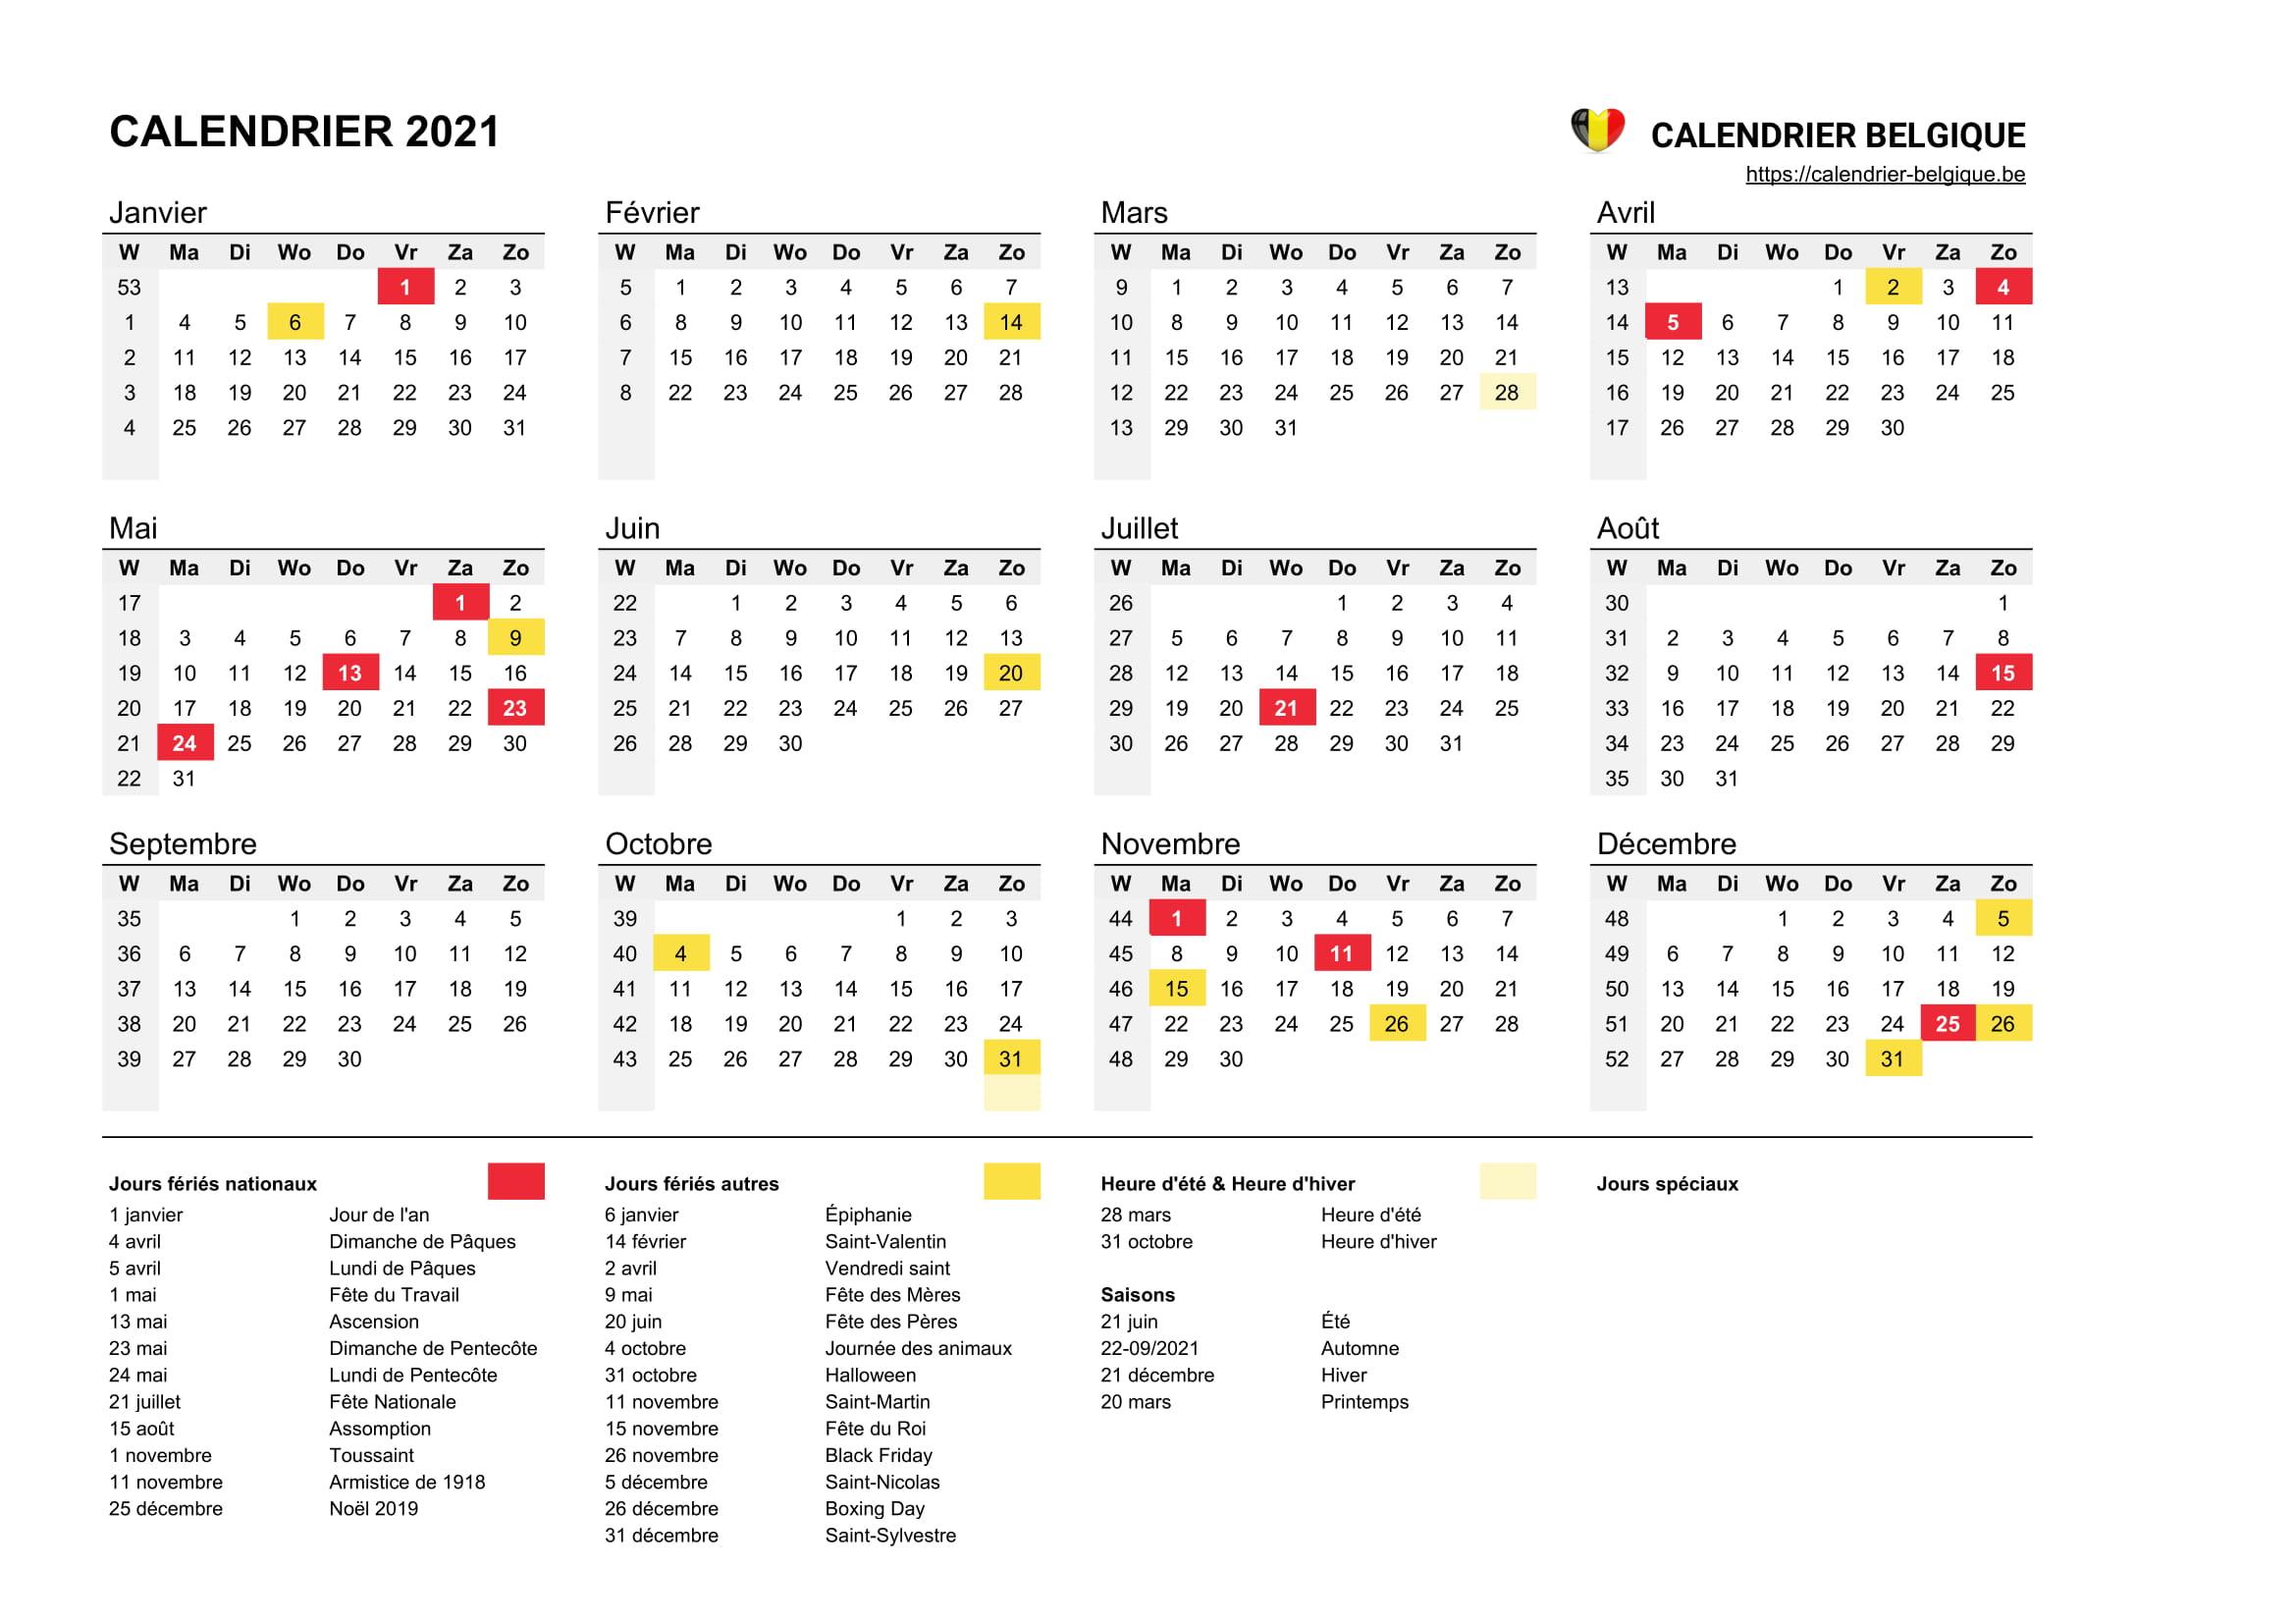 Calendrier 2021 Jours Fériés Calendrier 2021 • Calendrier Belgique